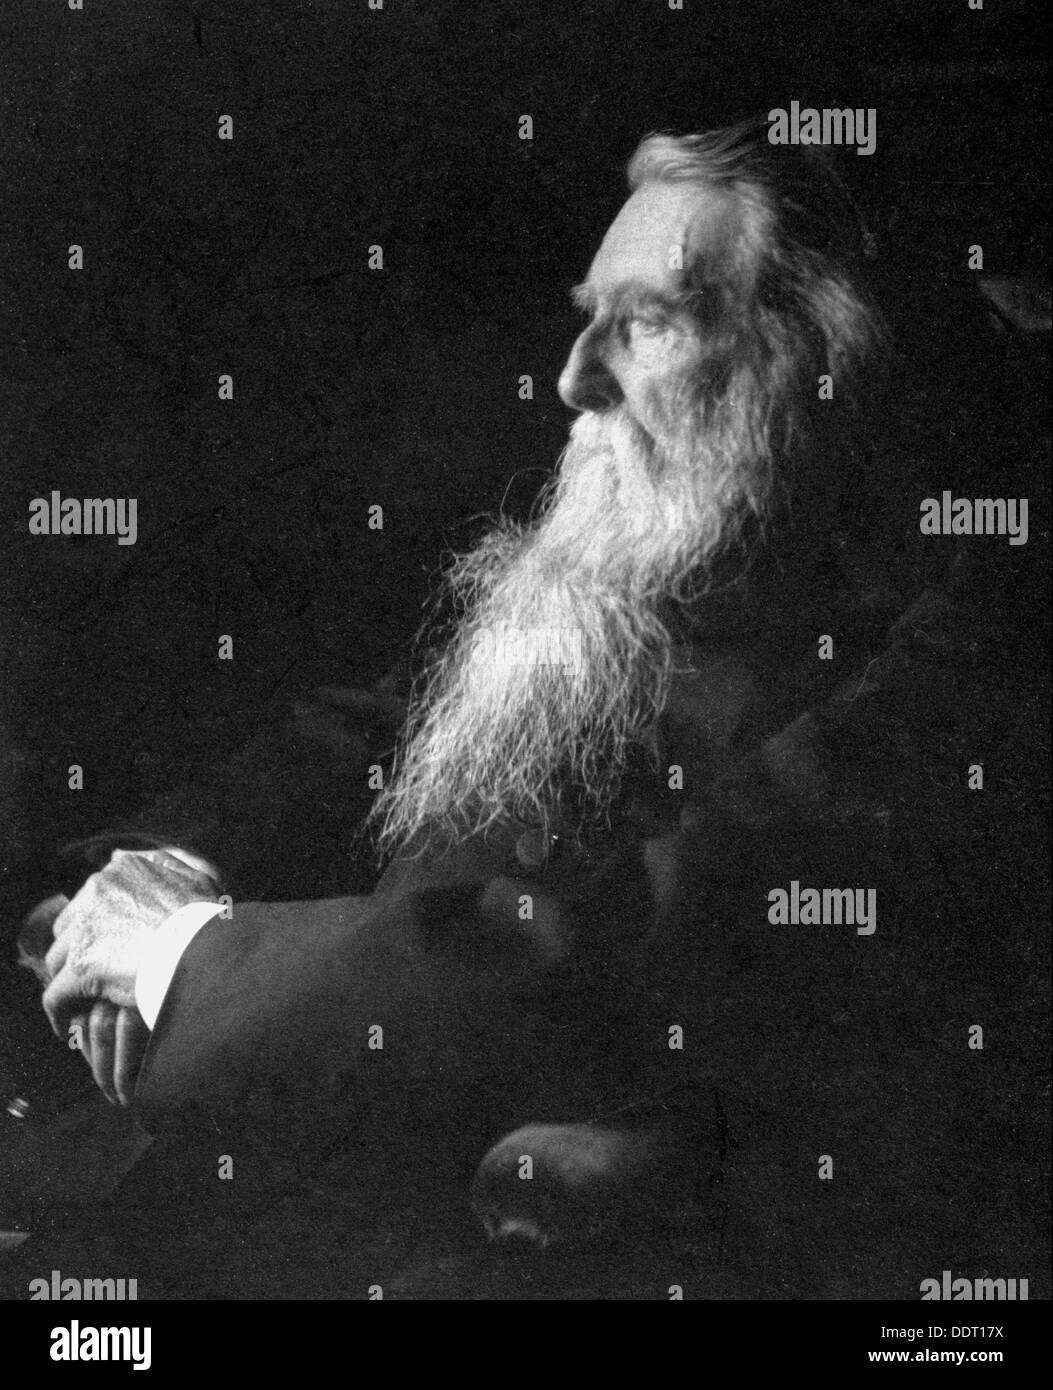 John Ruskin, britischer Maler, Dichter und Kritiker, c1897. Künstler: Emil Otto Hoppe Stockfoto